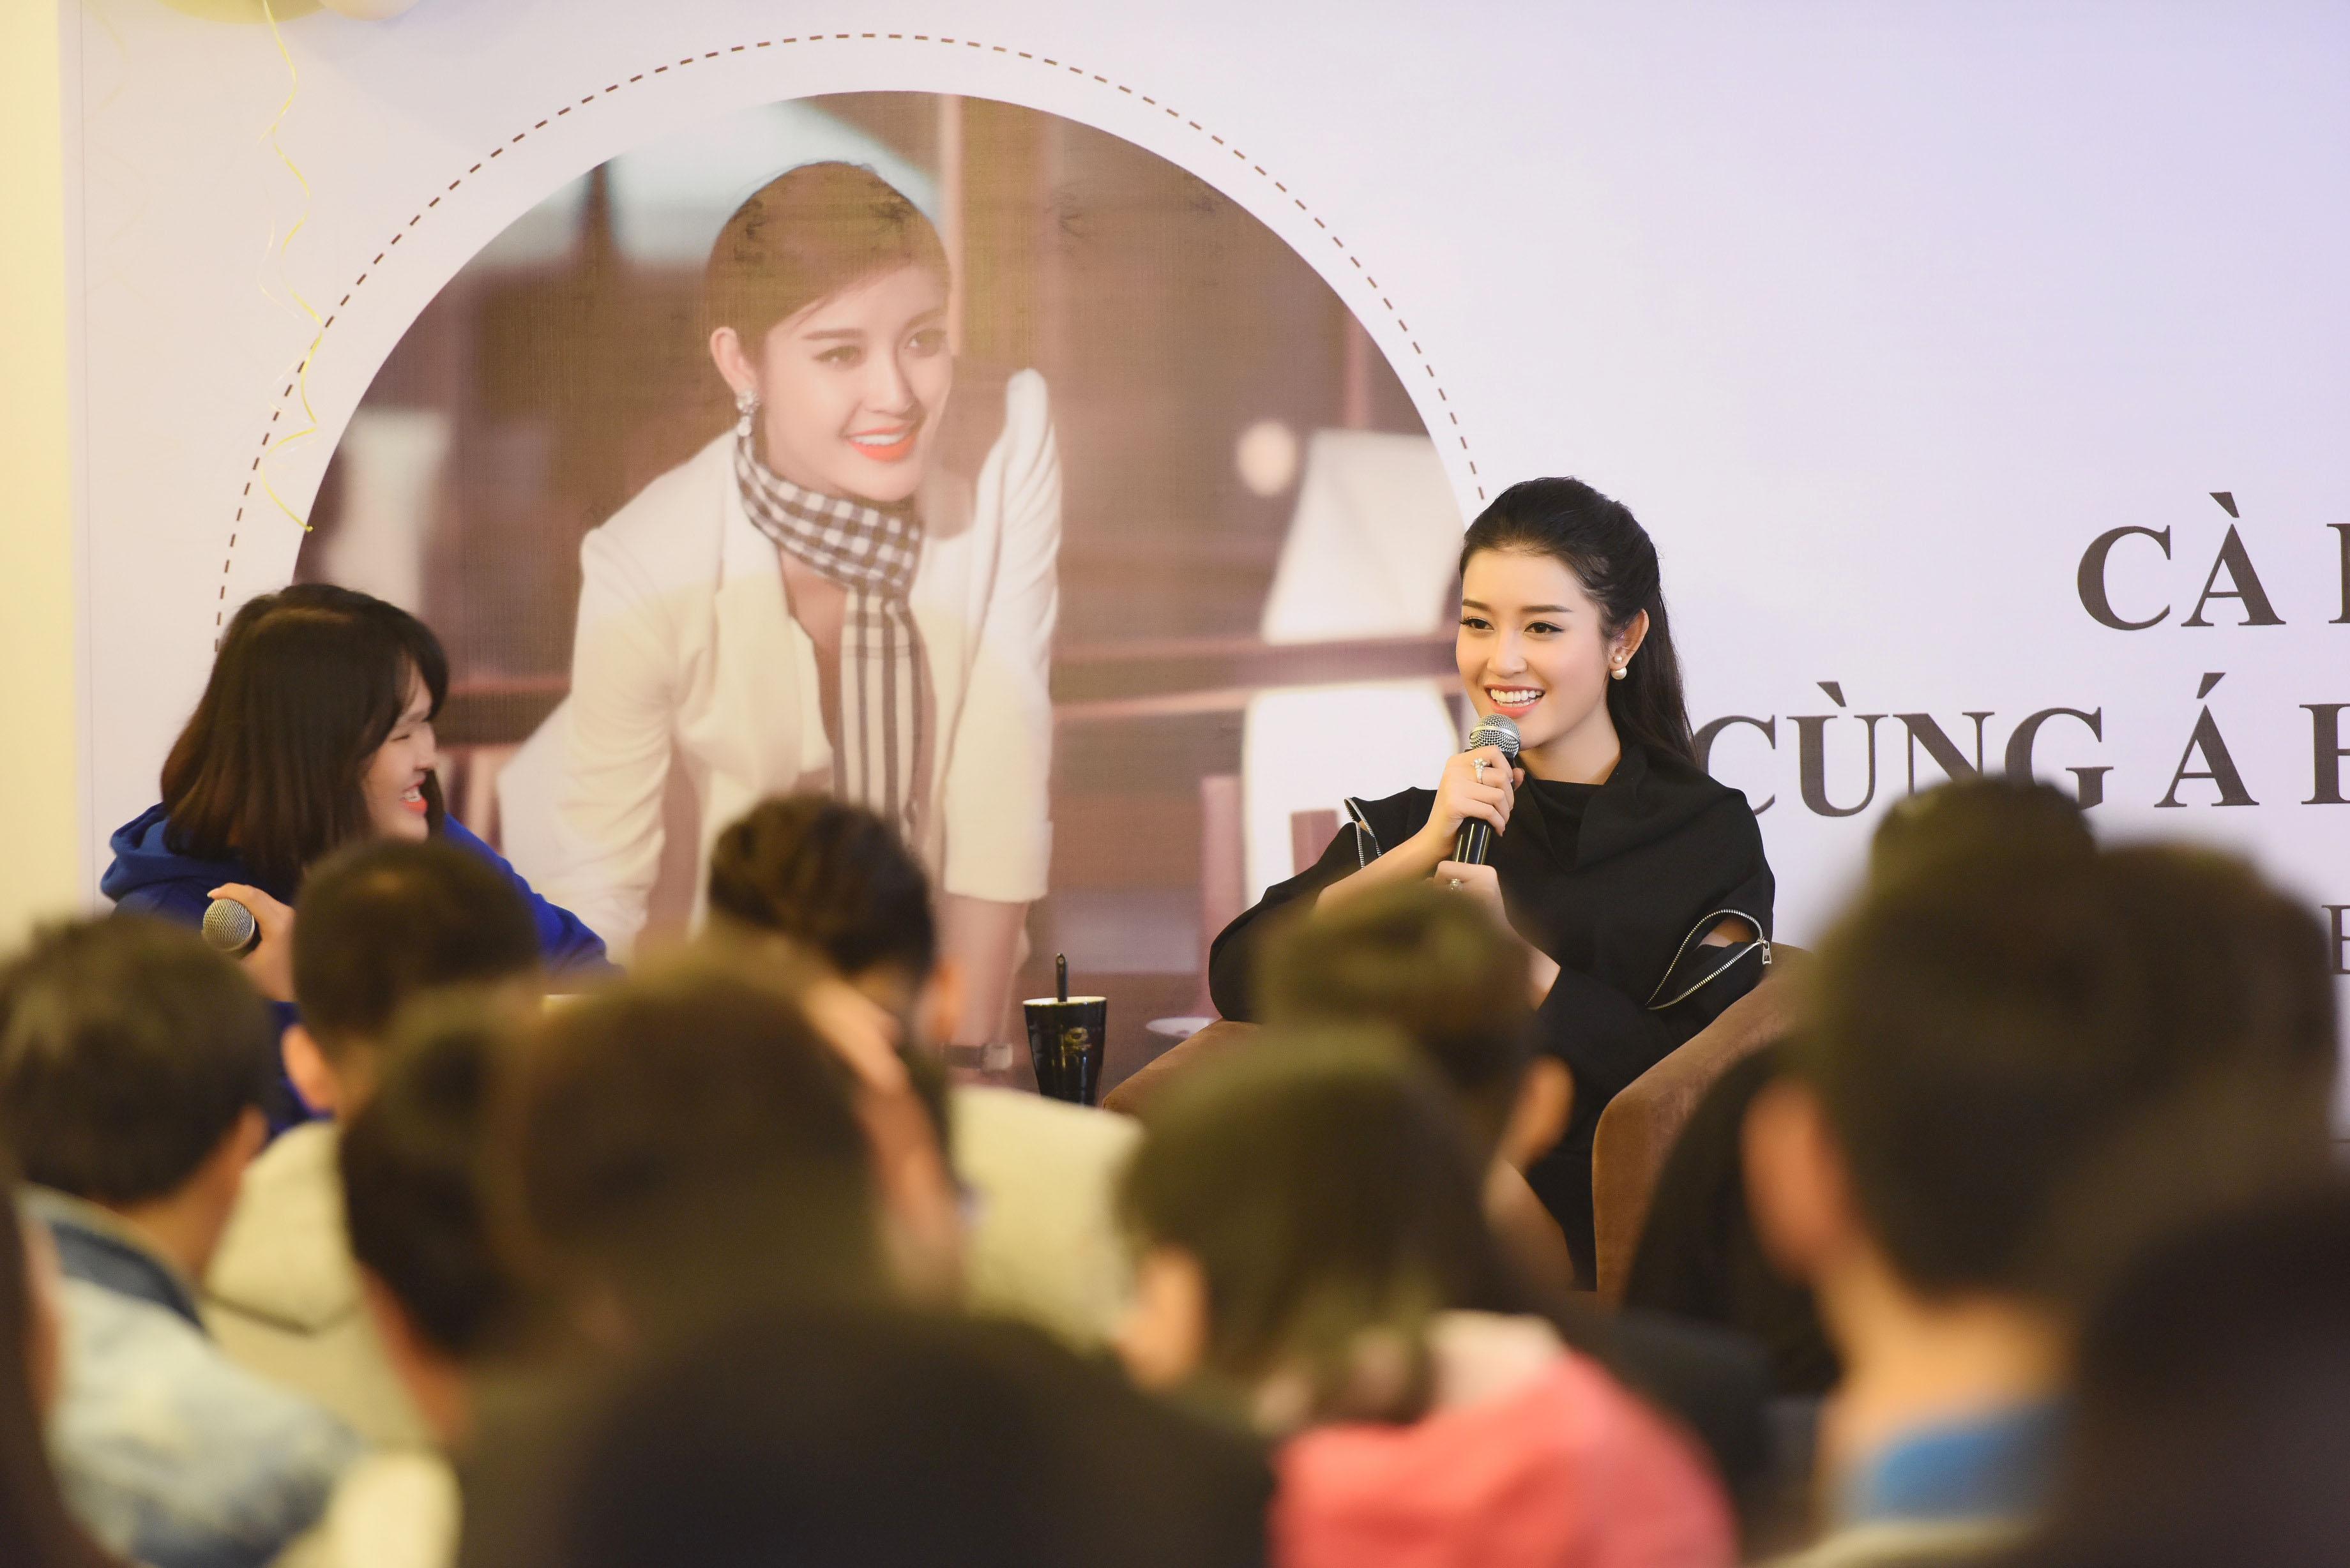 Á hậu Huyền My thổ lộ rất muốn lấy chồng trong buổi họp fans 13